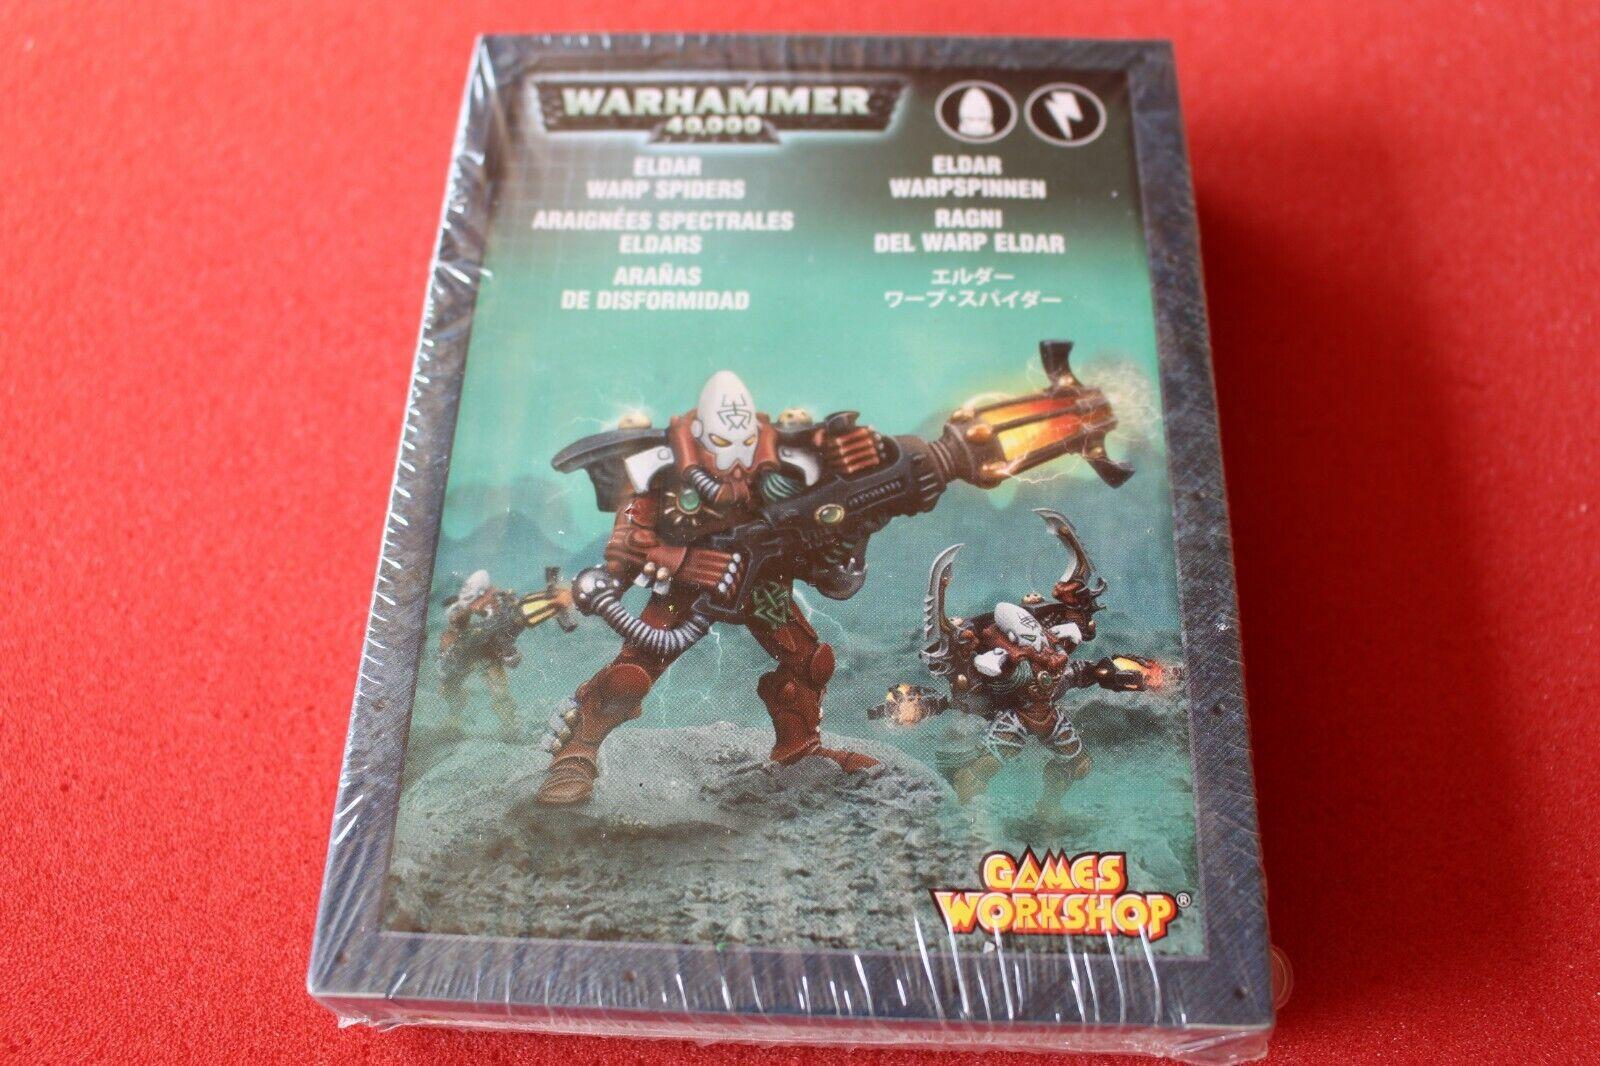 Games Workshop Warhammer 40k Eldar Warp Spiders  Squad Metal BNIB nouveau WH40K OOP  gros pas cher